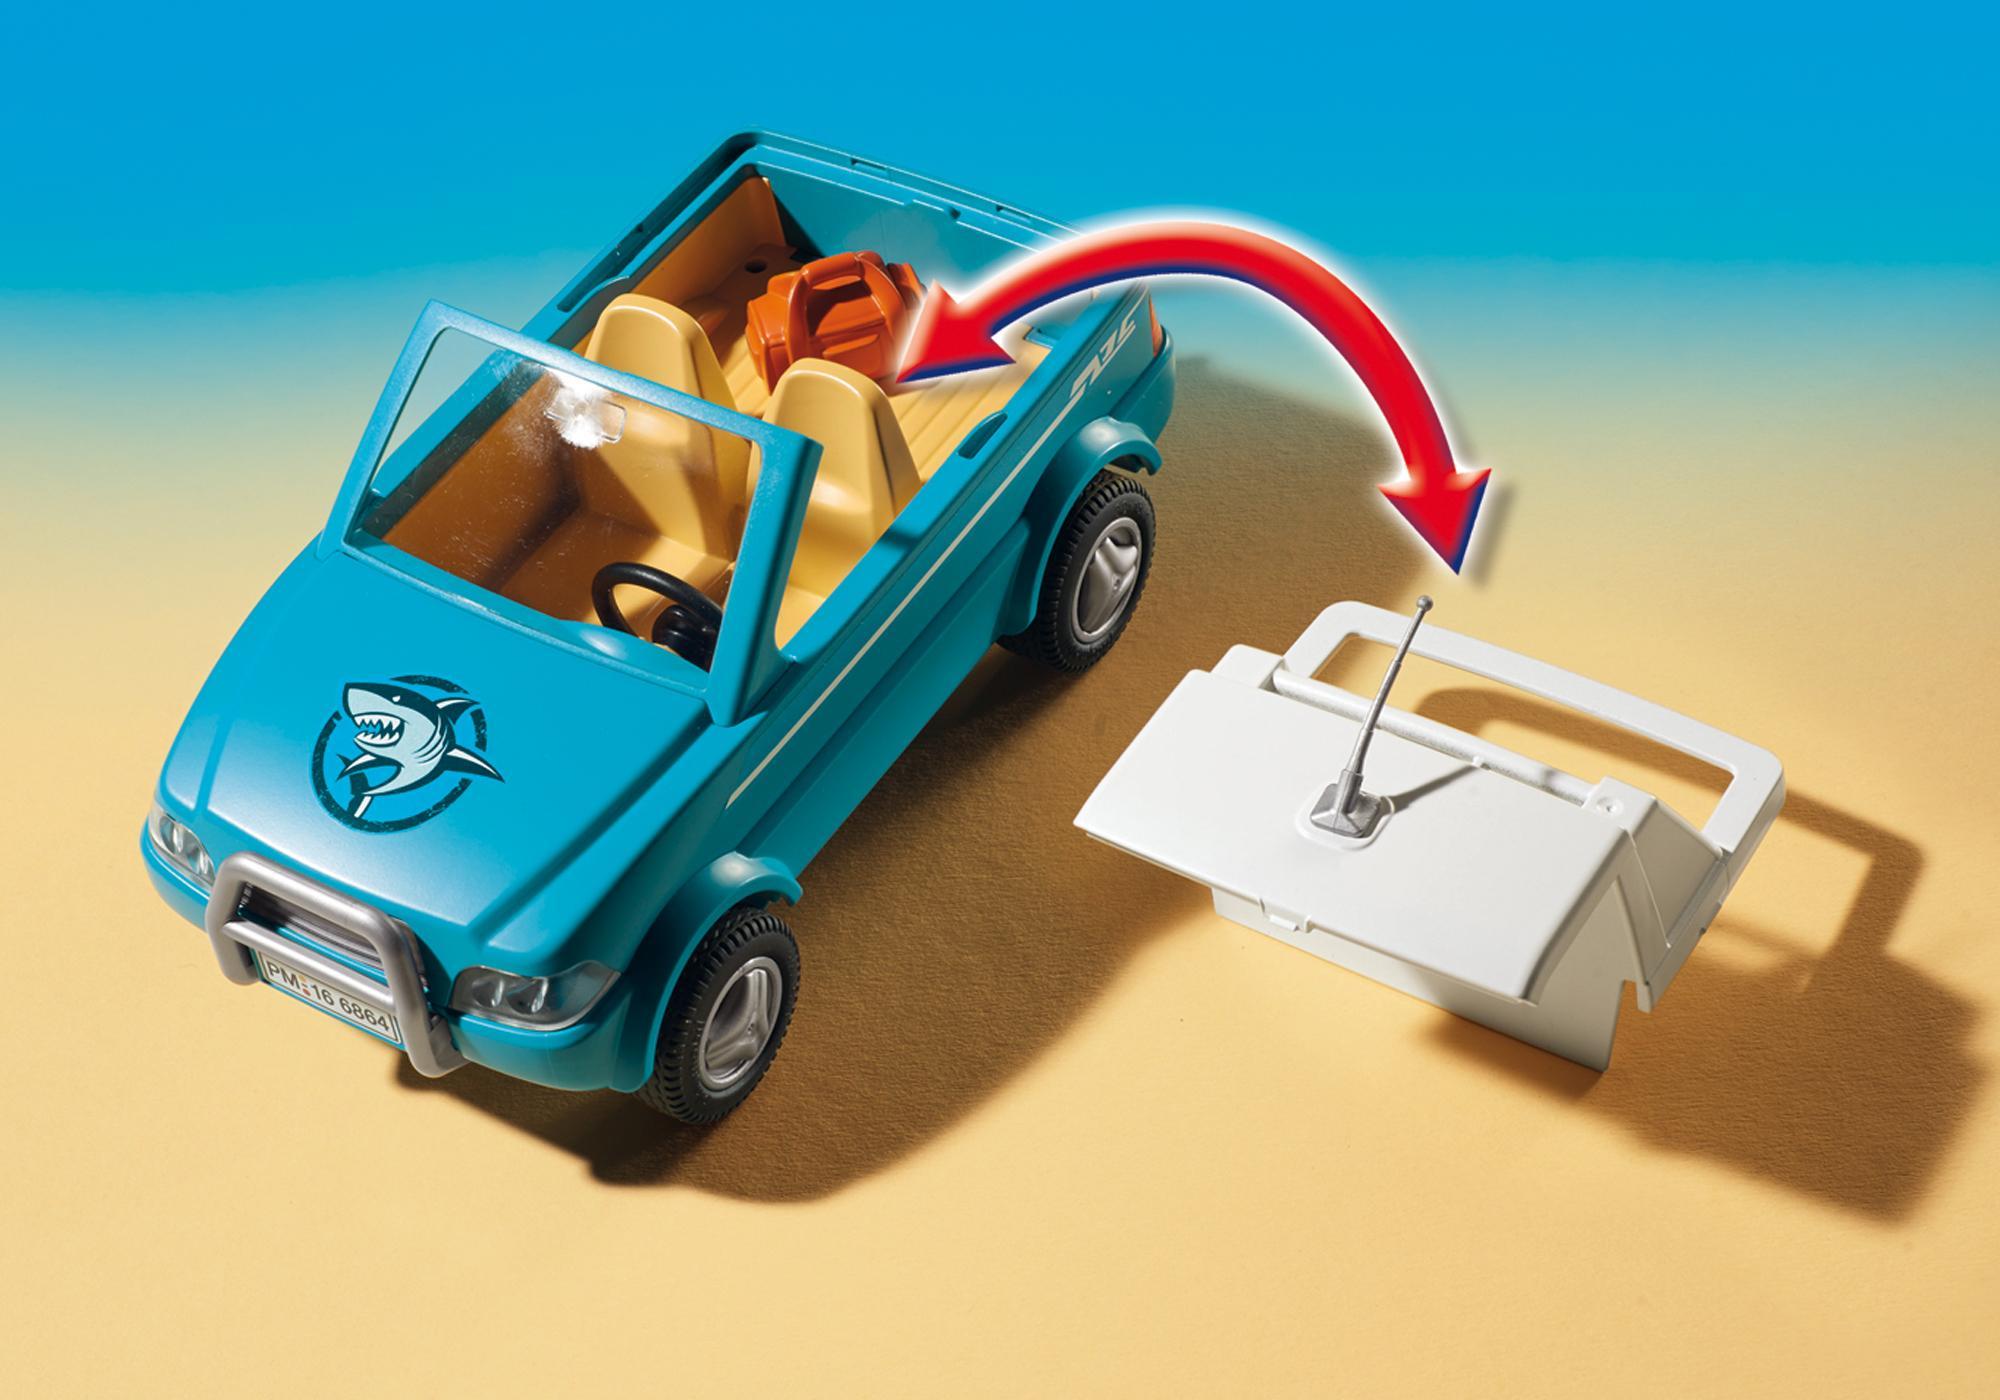 http://media.playmobil.com/i/playmobil/6864_product_extra1/Pickup med motorbåt med undervattenmotor